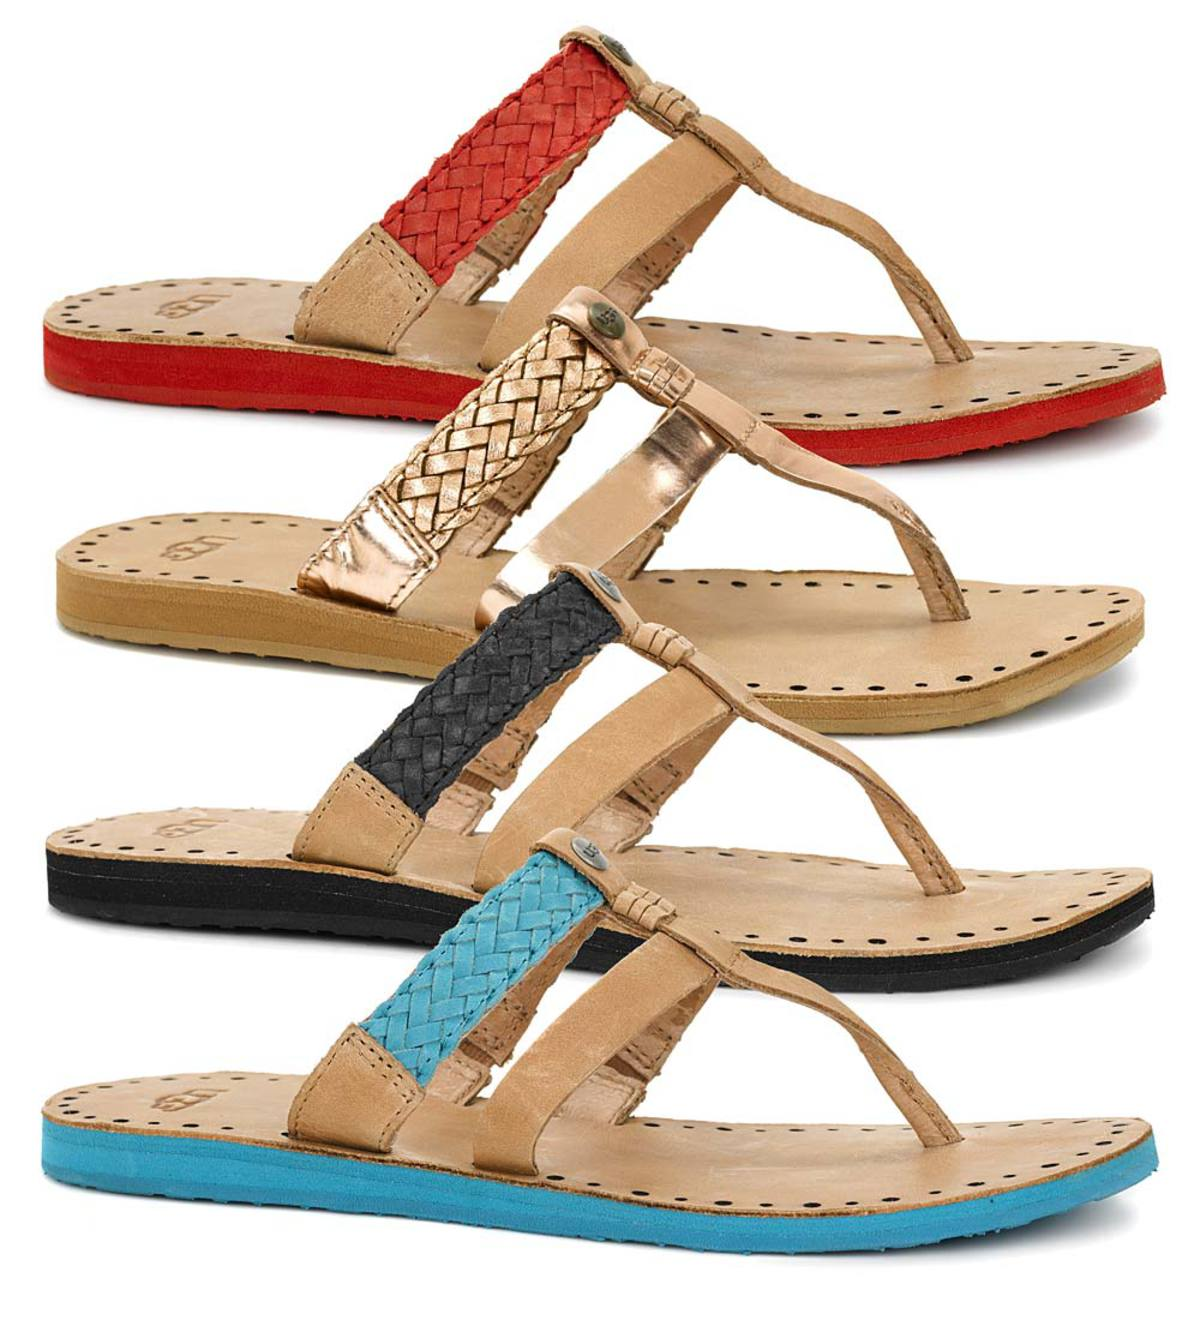 UGG Women's Audra Flip-Flop Sandals